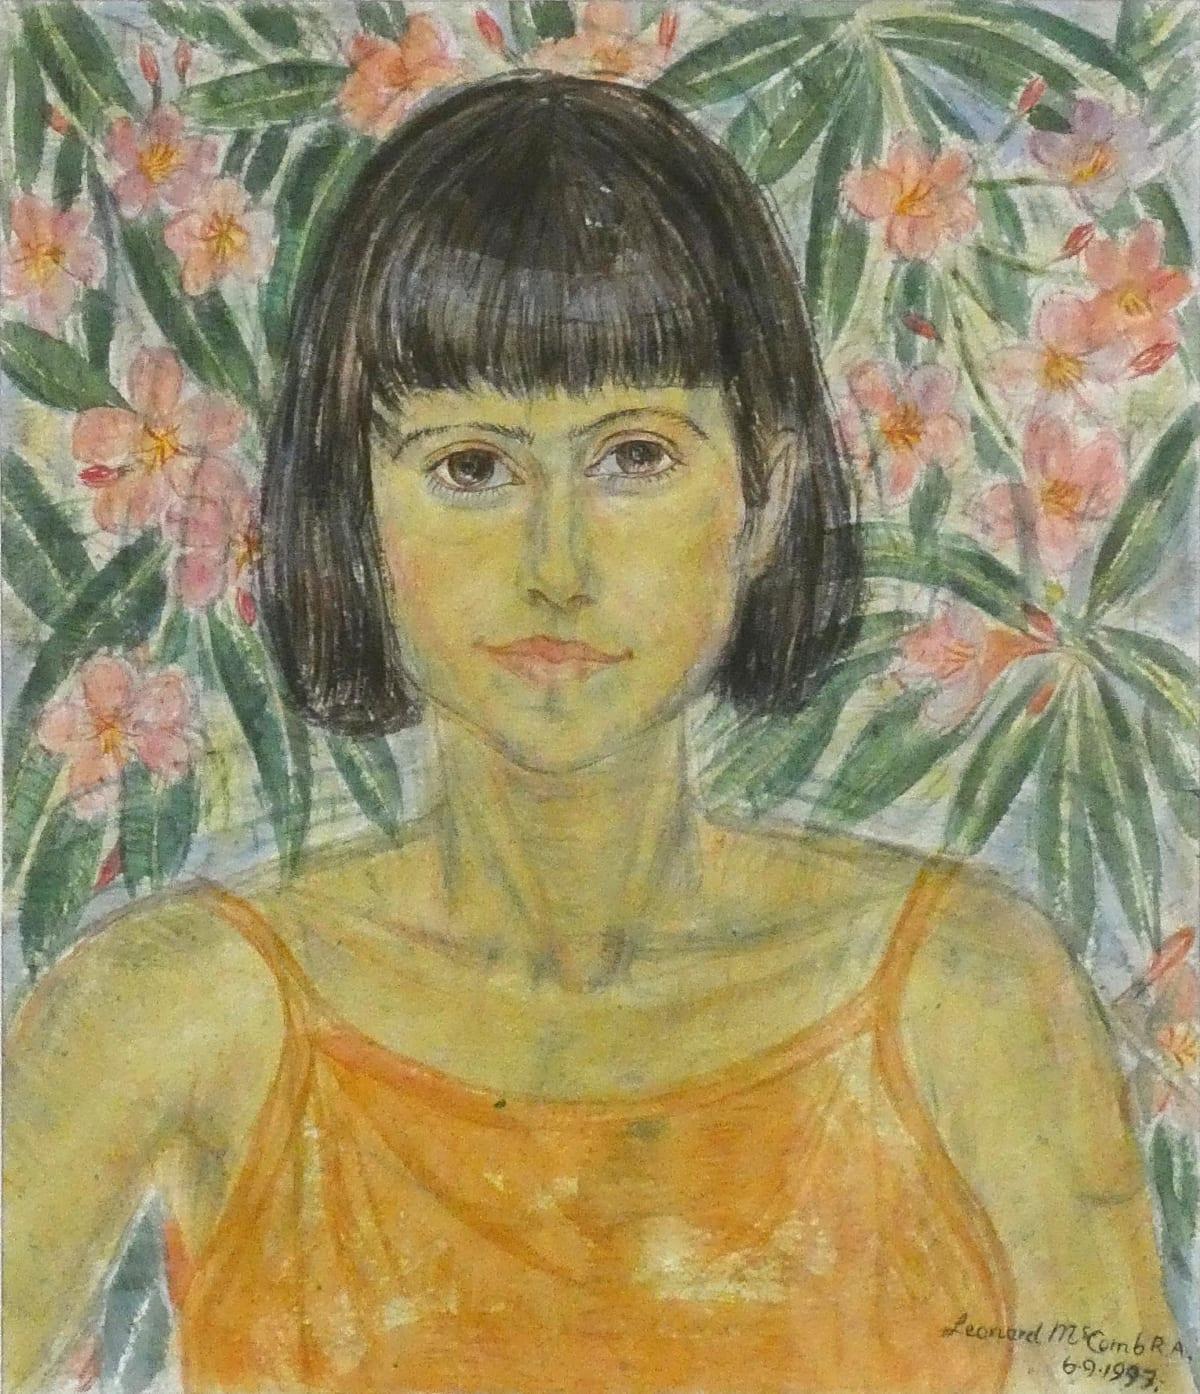 Leonard McComb, Portrait of Paola Ceraglio, 1997